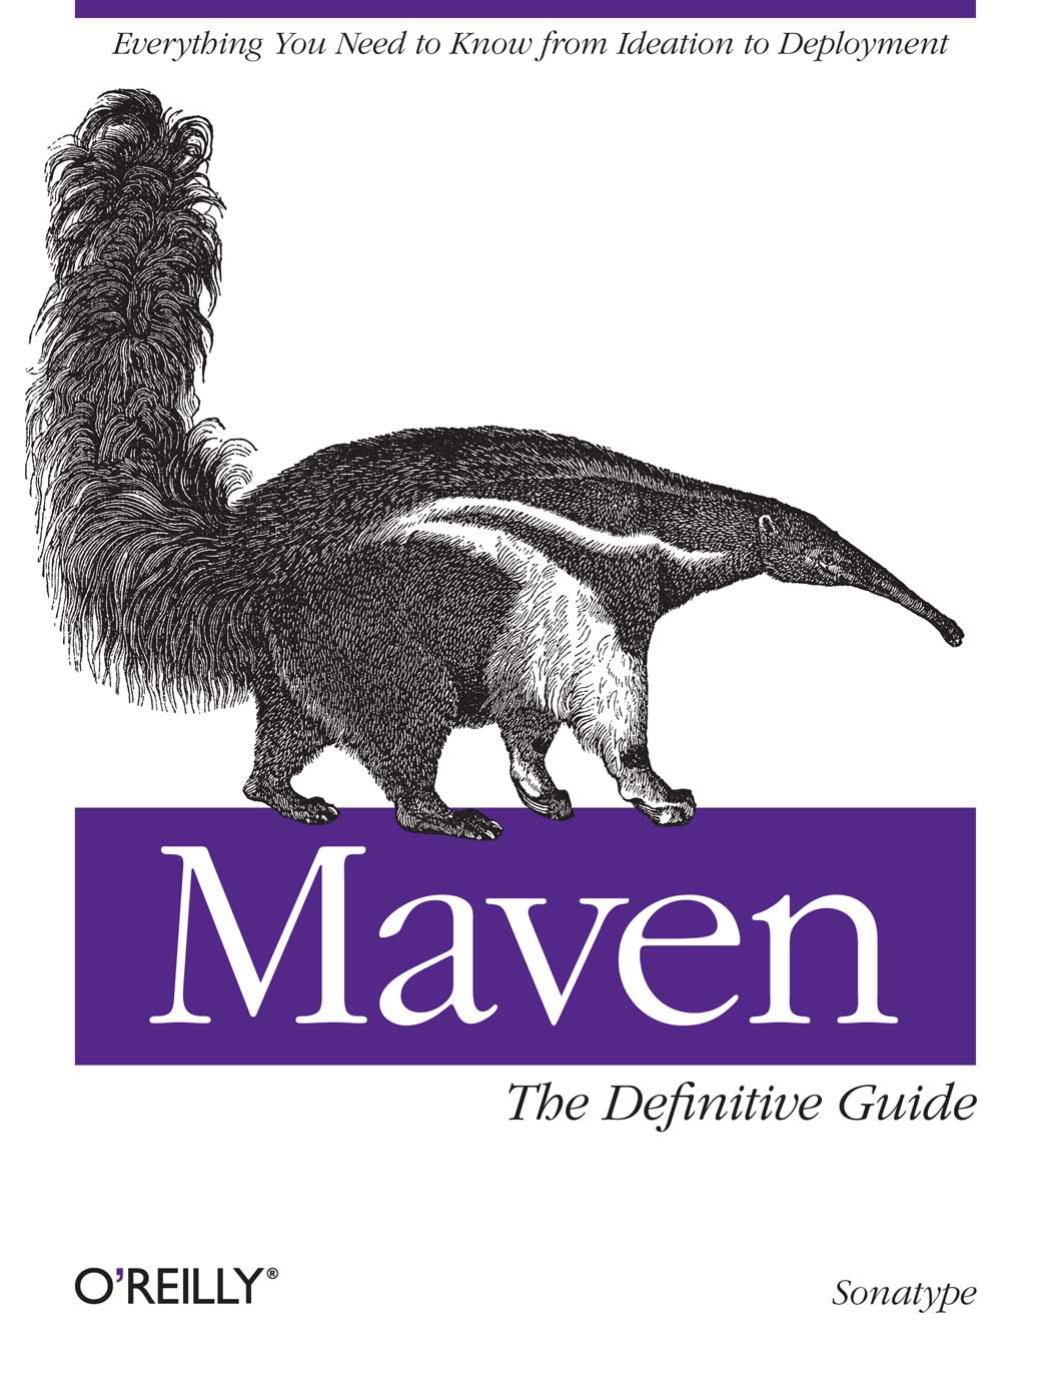 Maven: The Definitive Guide | manualzz com